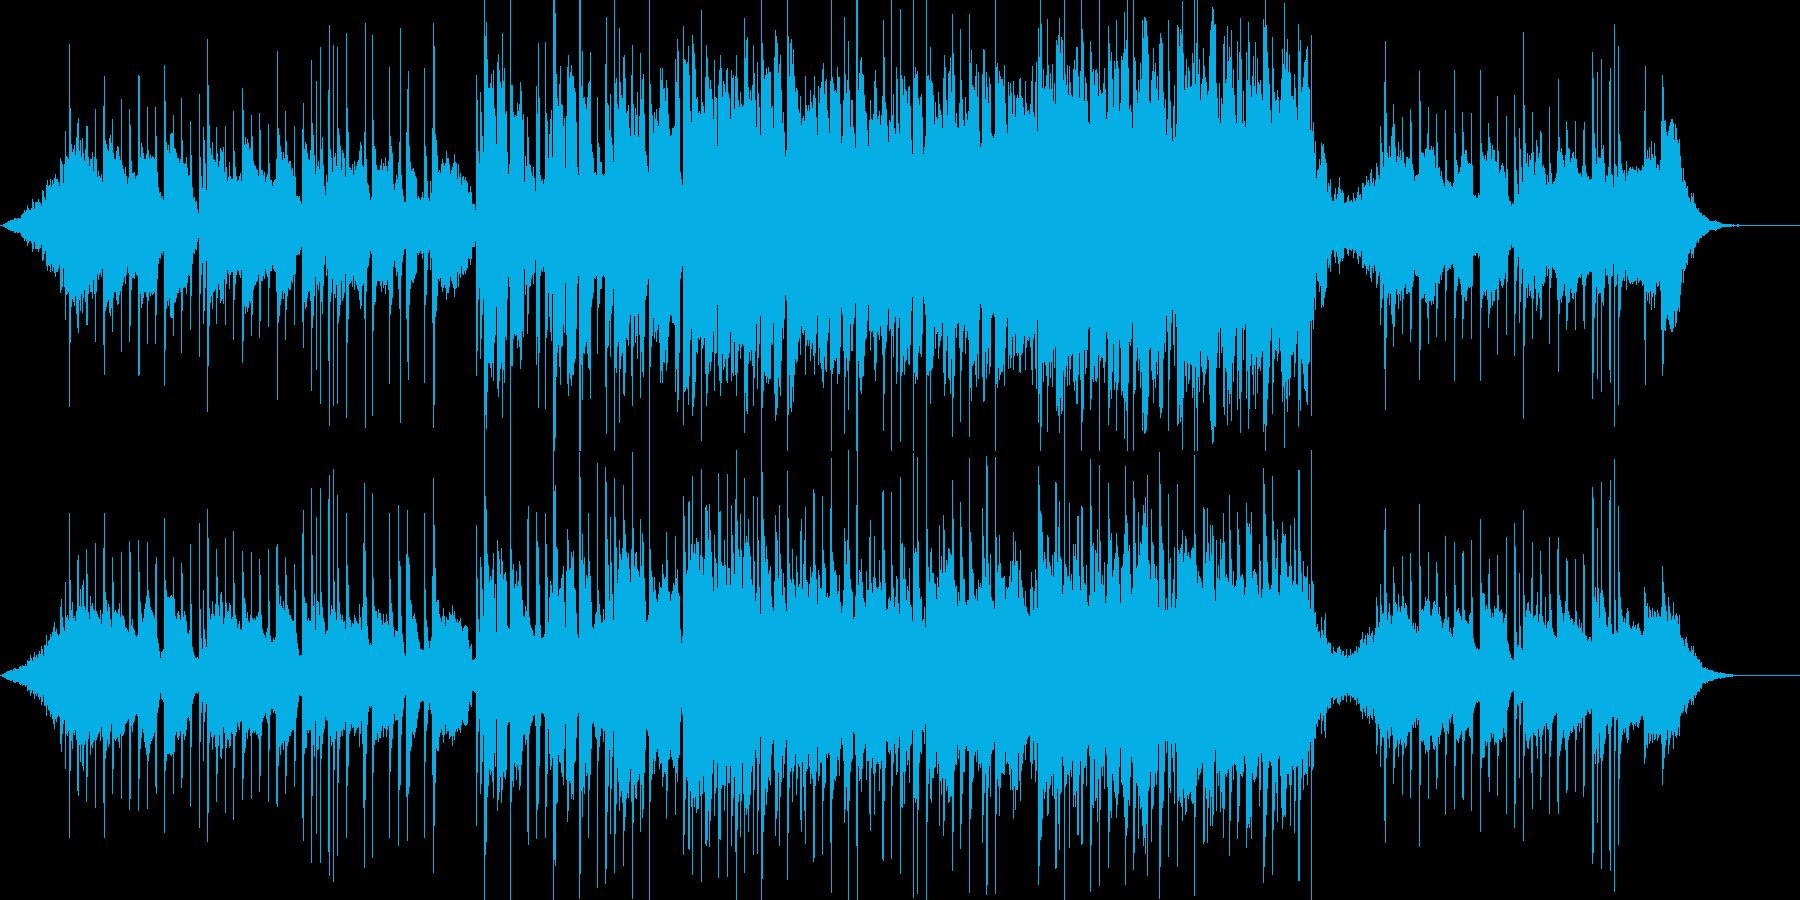 爽やかで前向きな癒し系ポップの曲の再生済みの波形